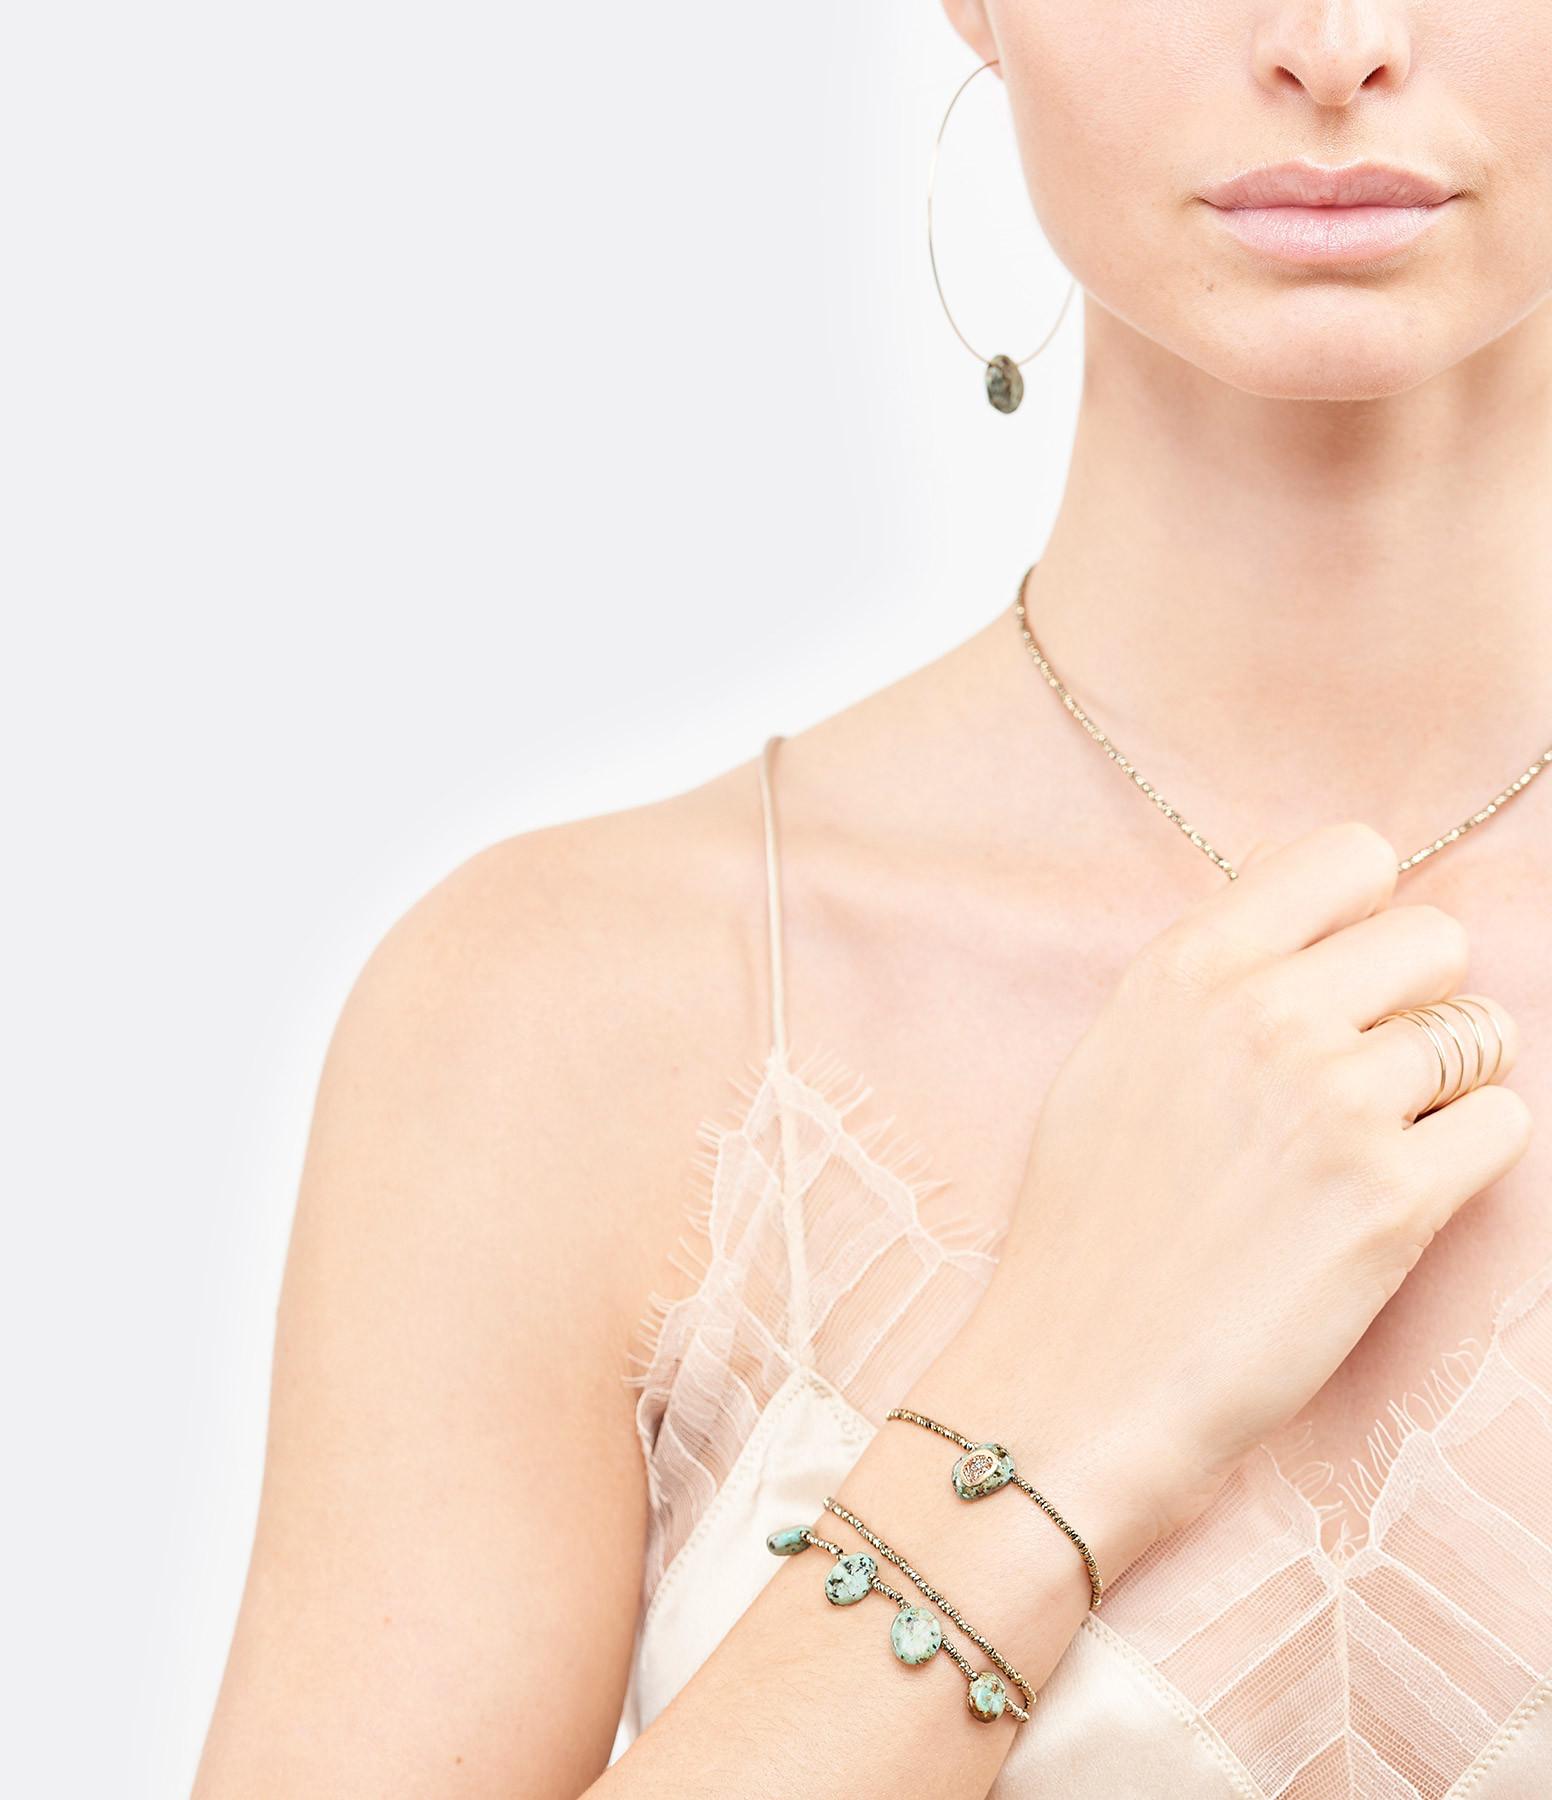 LSONGE - Bracelet Double Minéral Hématite Turquoise AGD